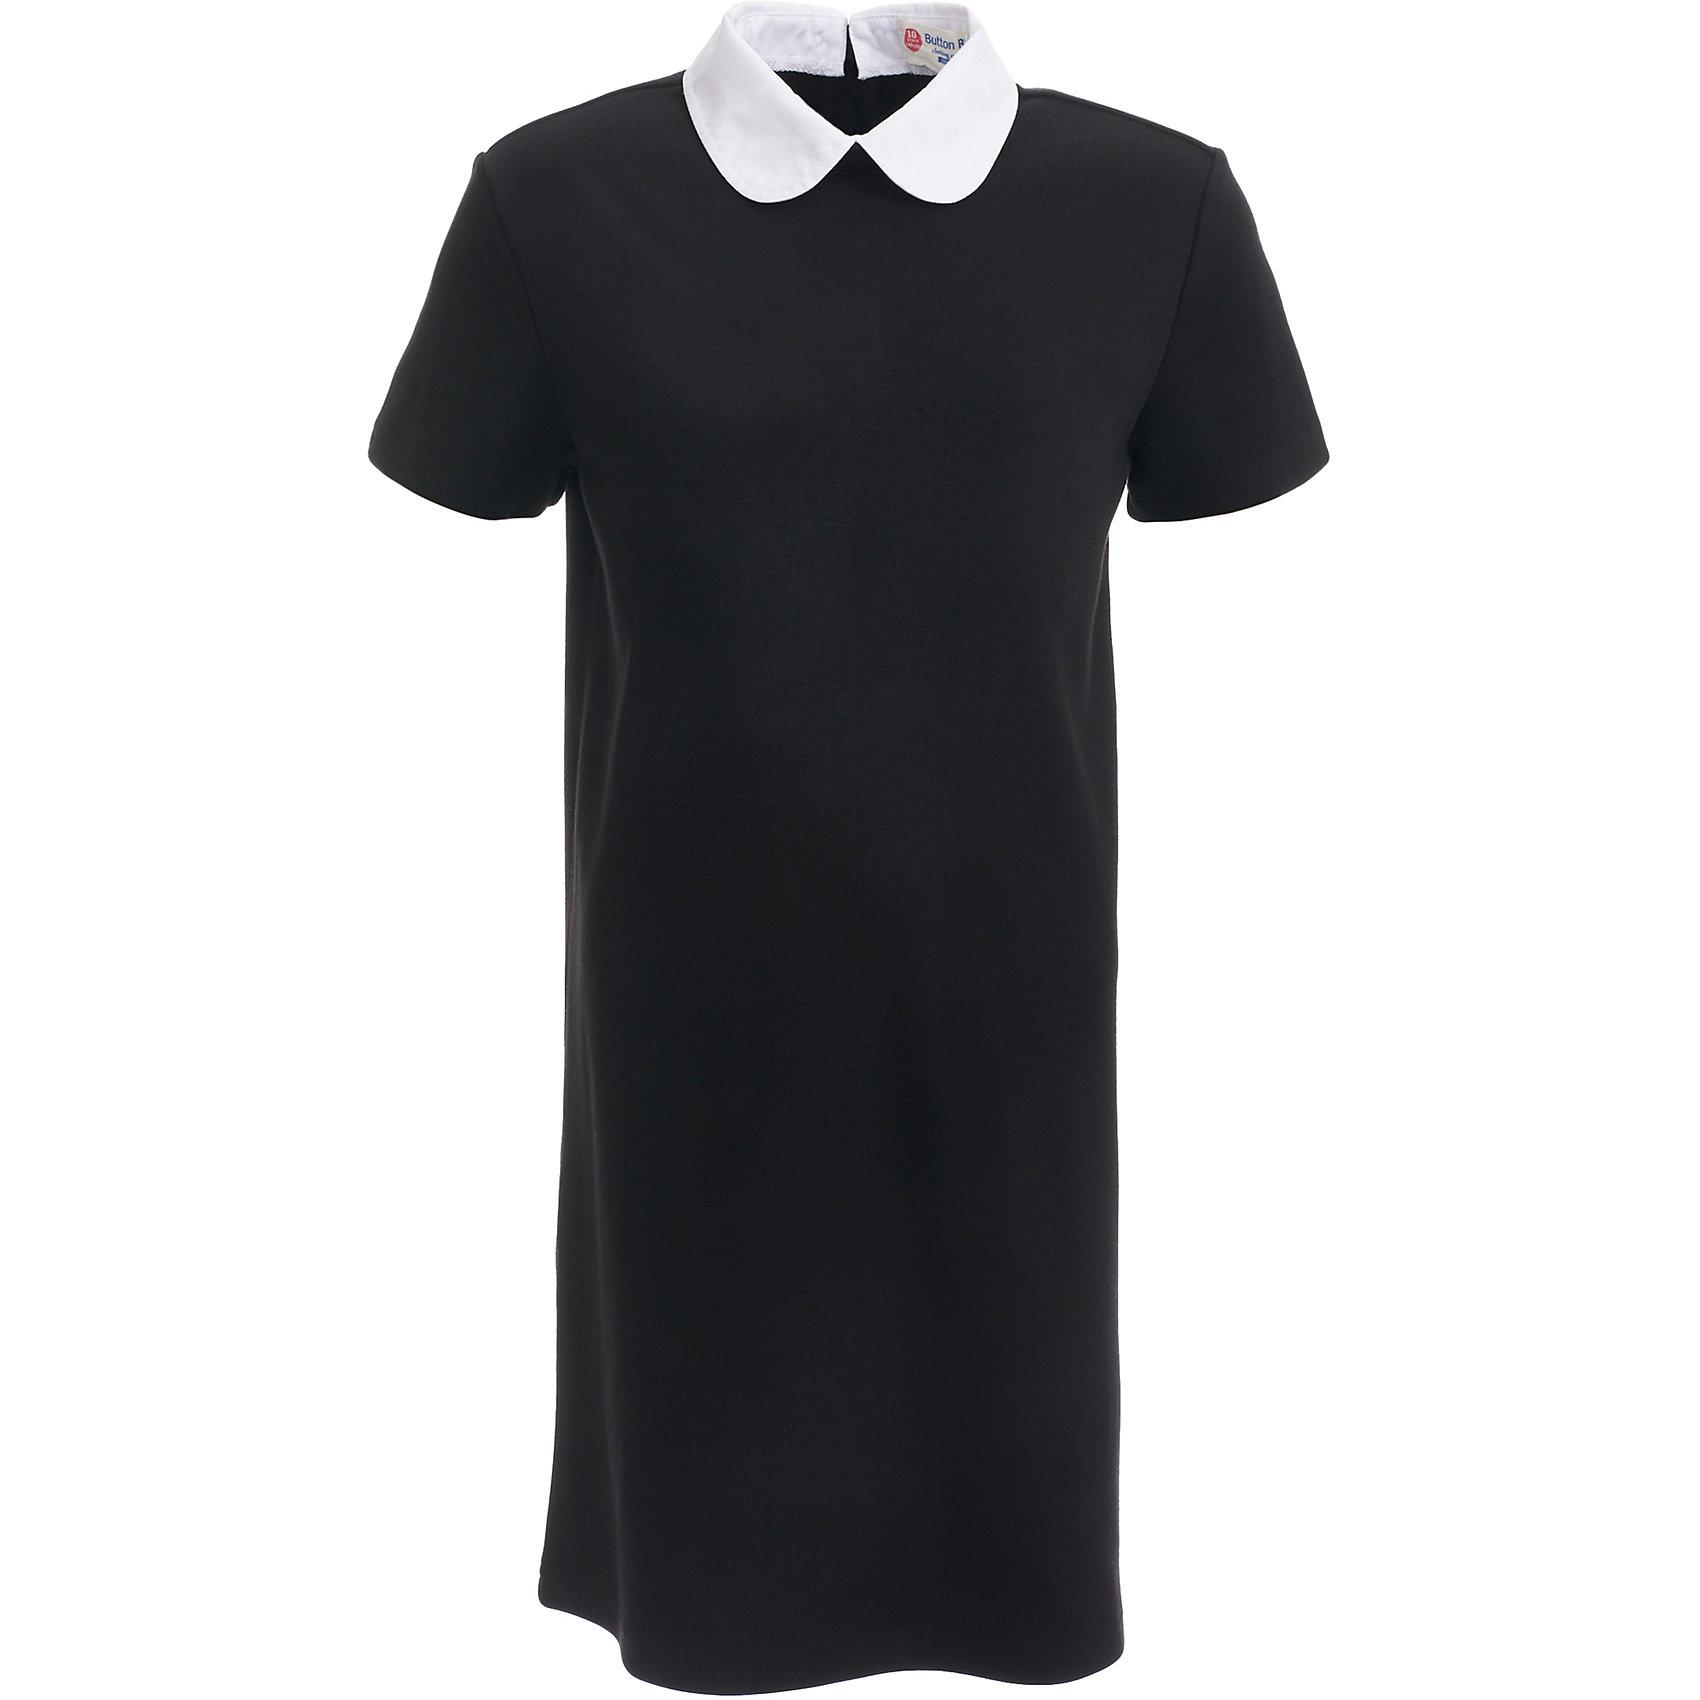 Платье для девочки BUTTON BLUEПлатья и сарафаны<br>Платье для девочки BUTTON BLUE<br>Школьные платья делают образ ученицы серьезным и элегантным. Если вы хотите купить  универсальную вещь и на каждый день, и для торжественного случая, вам стоит купить школьное платье. Трикотажное школьное платье для девочек обеспечит уют, свободу движений, удобство в повседневной носке. Белый воротник подчеркнет строгость модели и нежность ее обладательницы.<br>Состав:<br>75% полиэстер,              21% вискоза,                           4% эластан<br><br>Ширина мм: 236<br>Глубина мм: 16<br>Высота мм: 184<br>Вес г: 177<br>Цвет: черный<br>Возраст от месяцев: 156<br>Возраст до месяцев: 168<br>Пол: Женский<br>Возраст: Детский<br>Размер: 164,122,128,134,140,146,152,158<br>SKU: 6739402